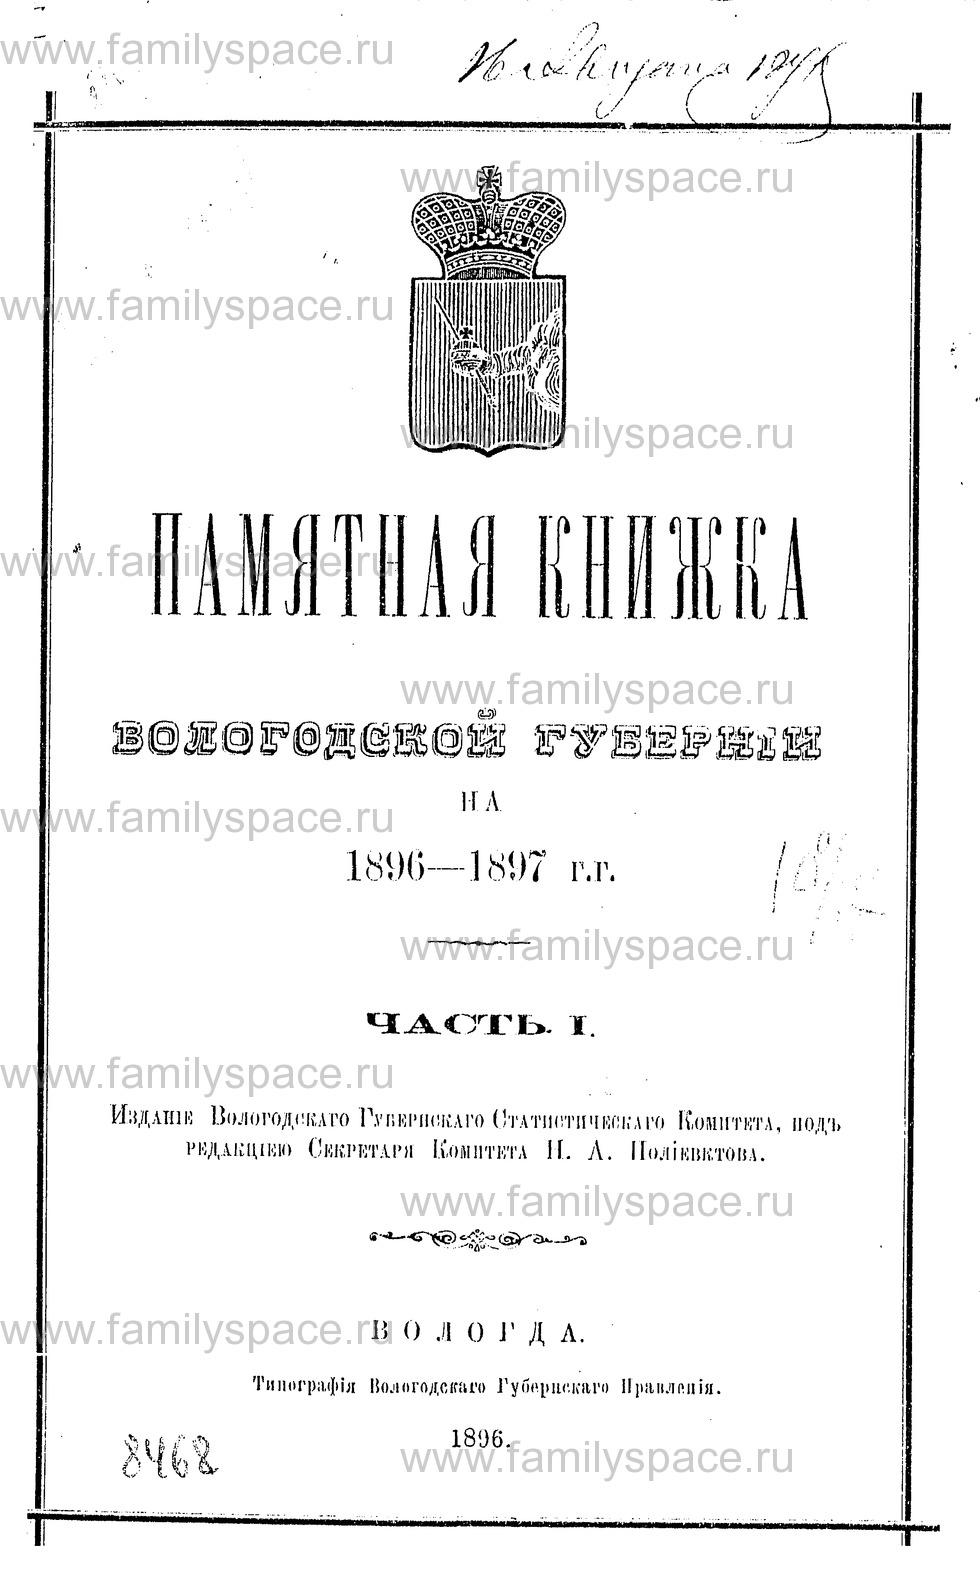 Поиск по фамилии - Памятная книжка Вологодской губернии на 1896-1897 гг, часть 1, страница 1